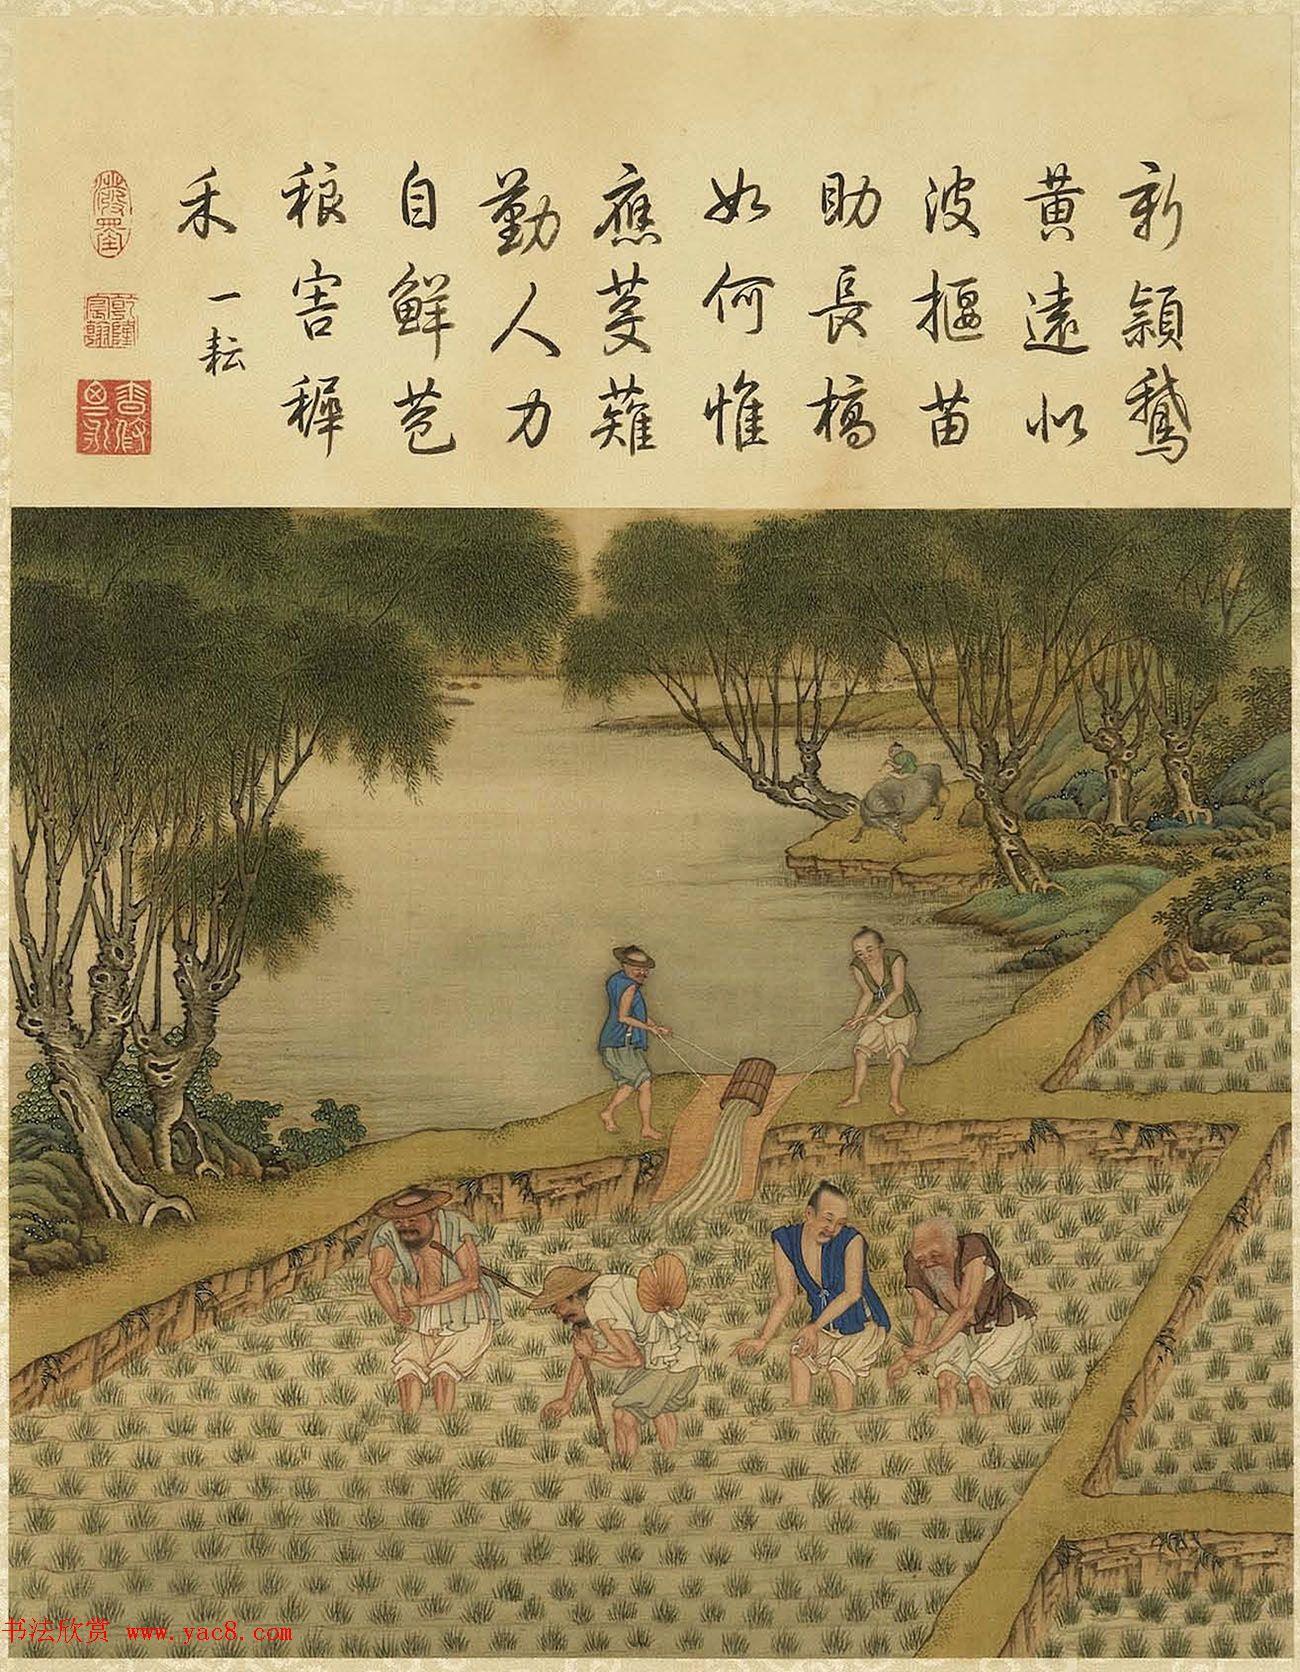 清代宫廷画师陈枚彩绘本《耕织图》